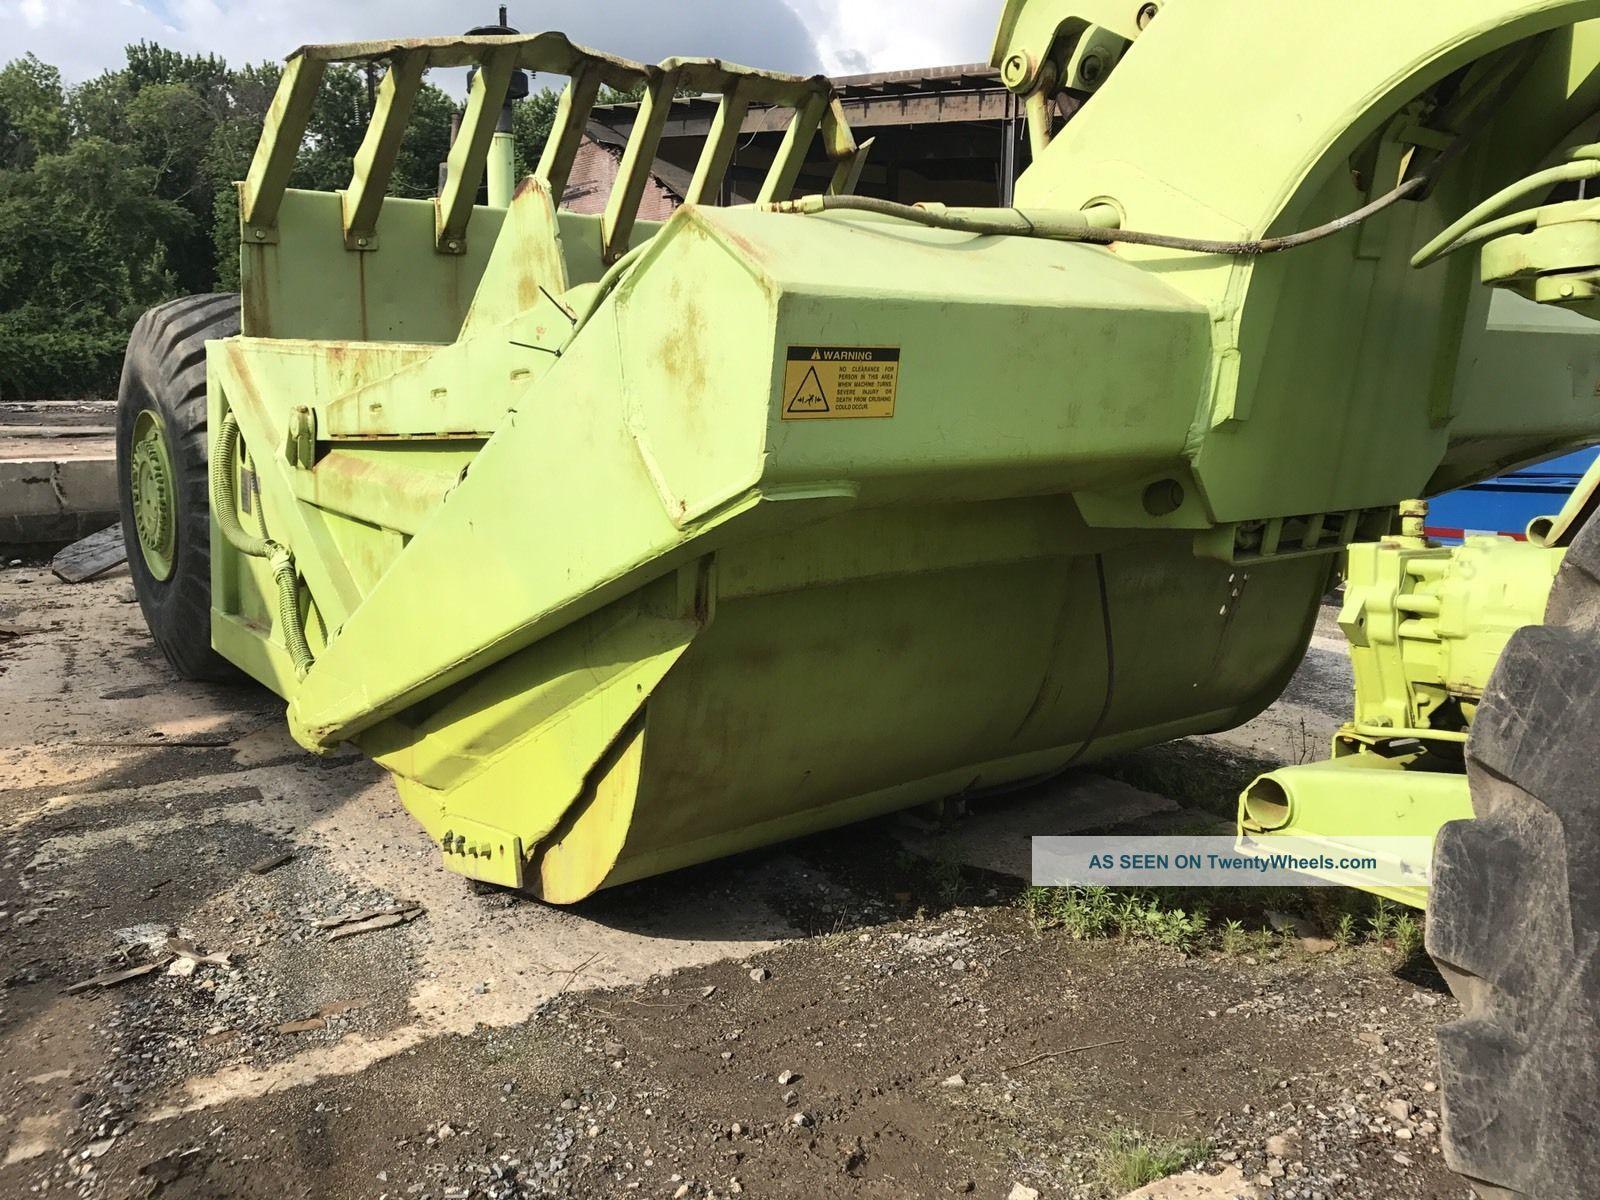 Terex Ts14 Scraper Recent Service And Parts Runs Good